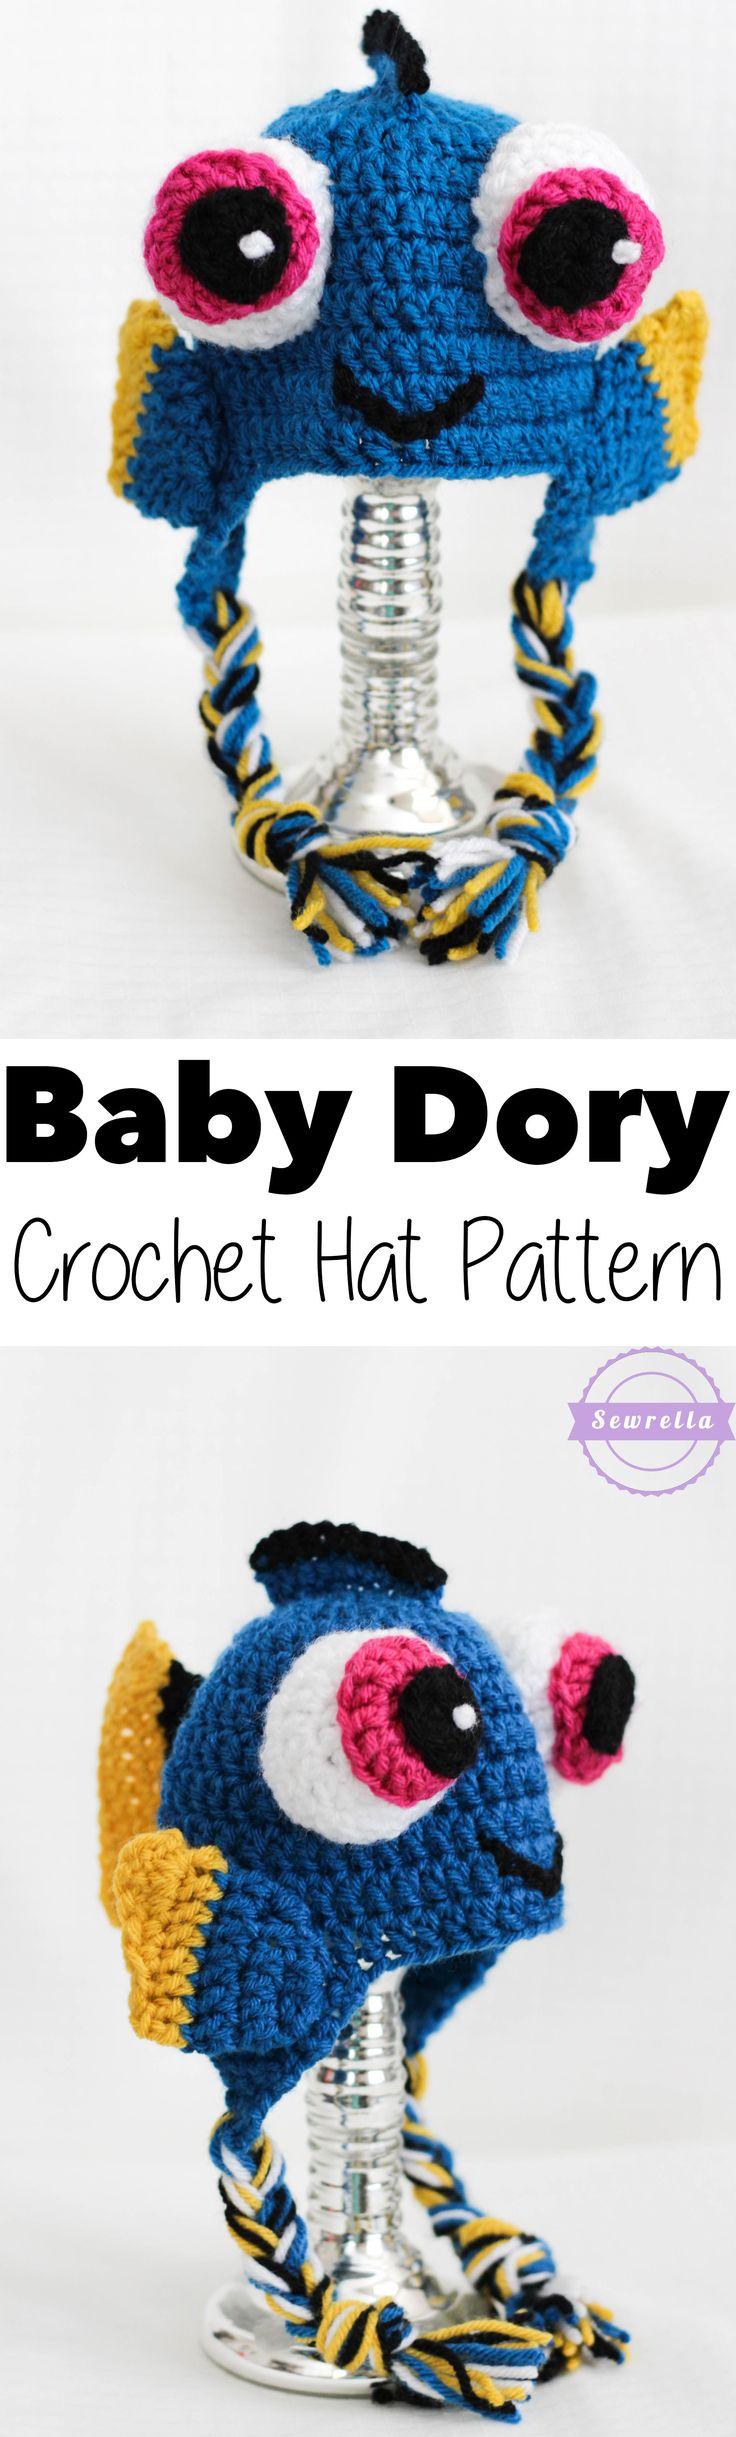 Baby Dory Inspired Crochet Hat